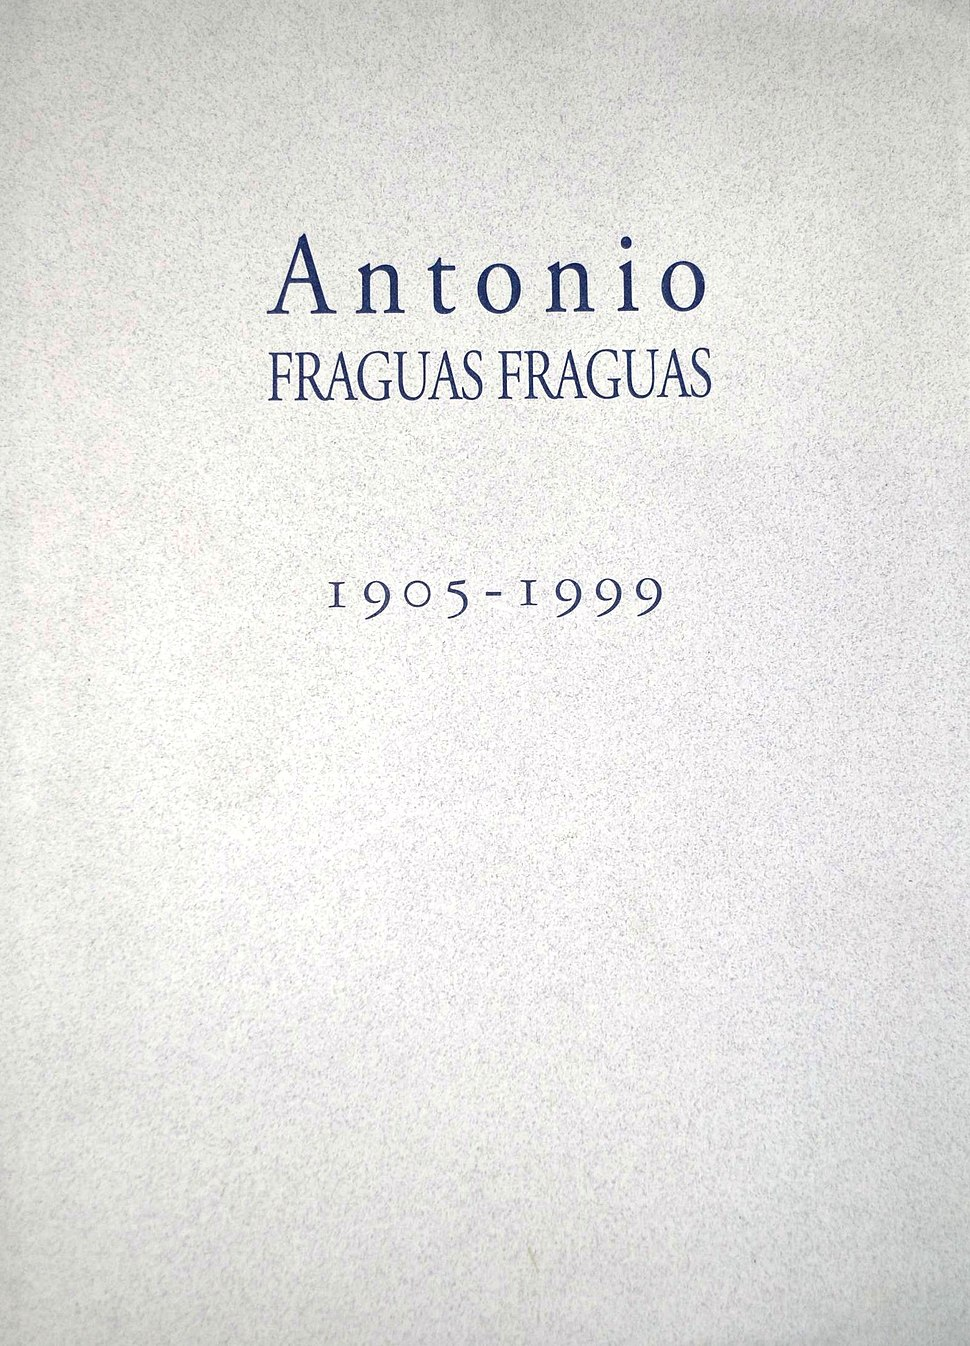 Cuberta do libro Antonio Fraguas Fraguas, 1905-1999. 2006.